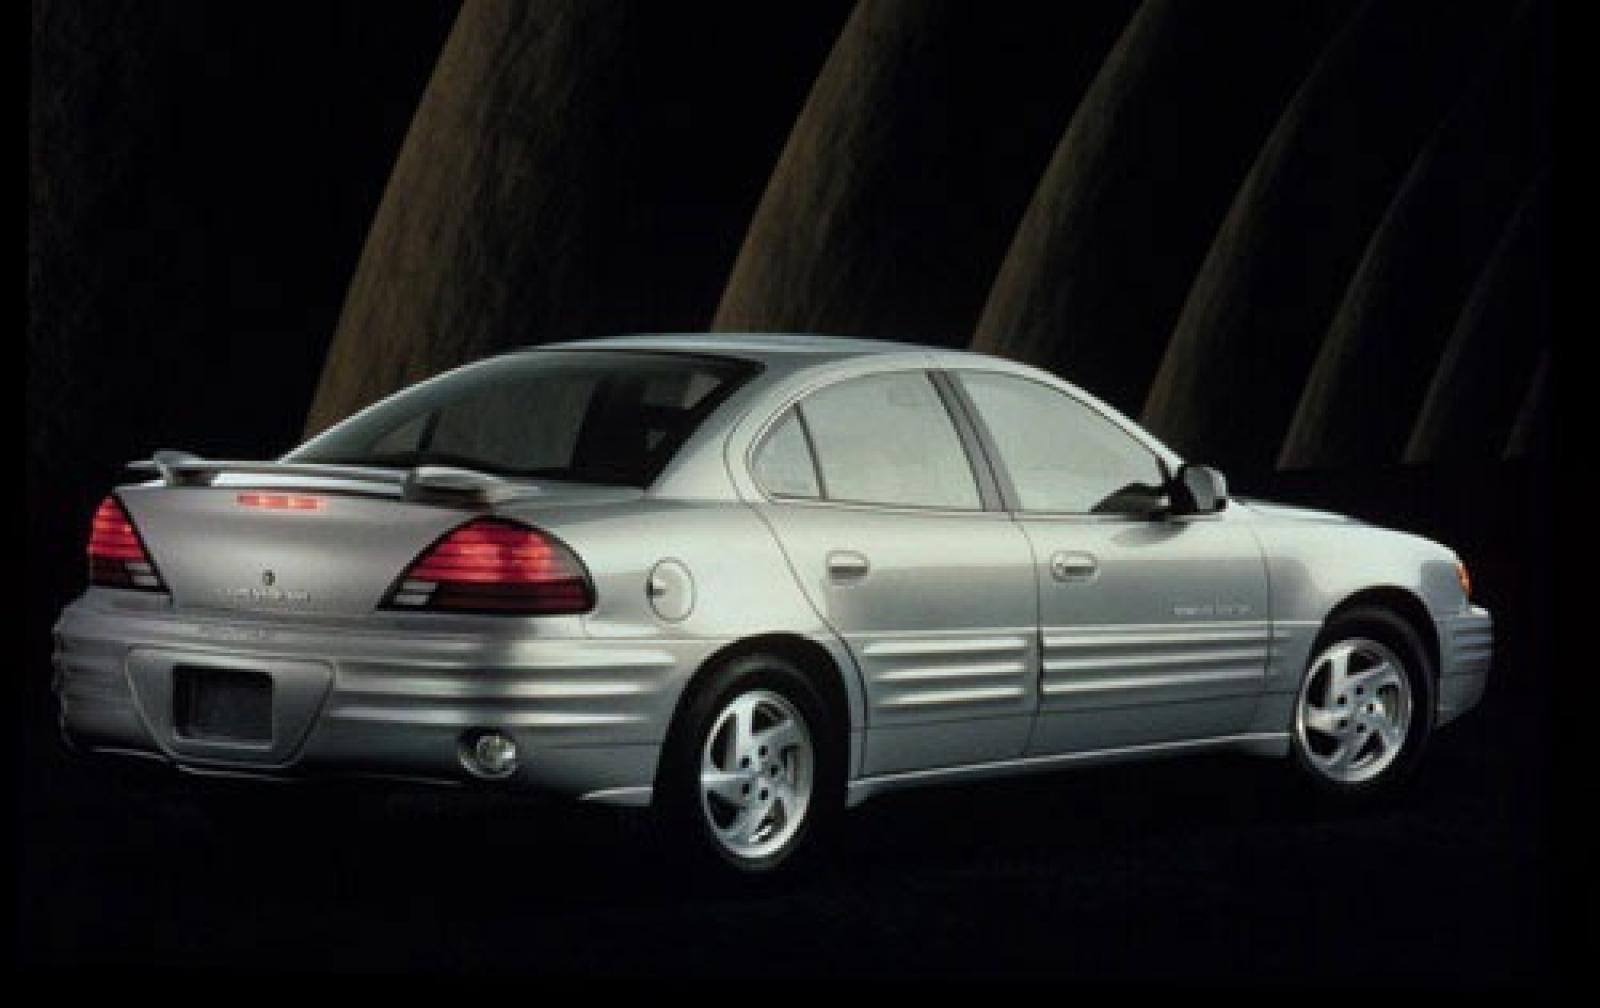 ... 2000 Pontiac Grand Am 4 D interior #5 800 1024 1280 1600 origin ...